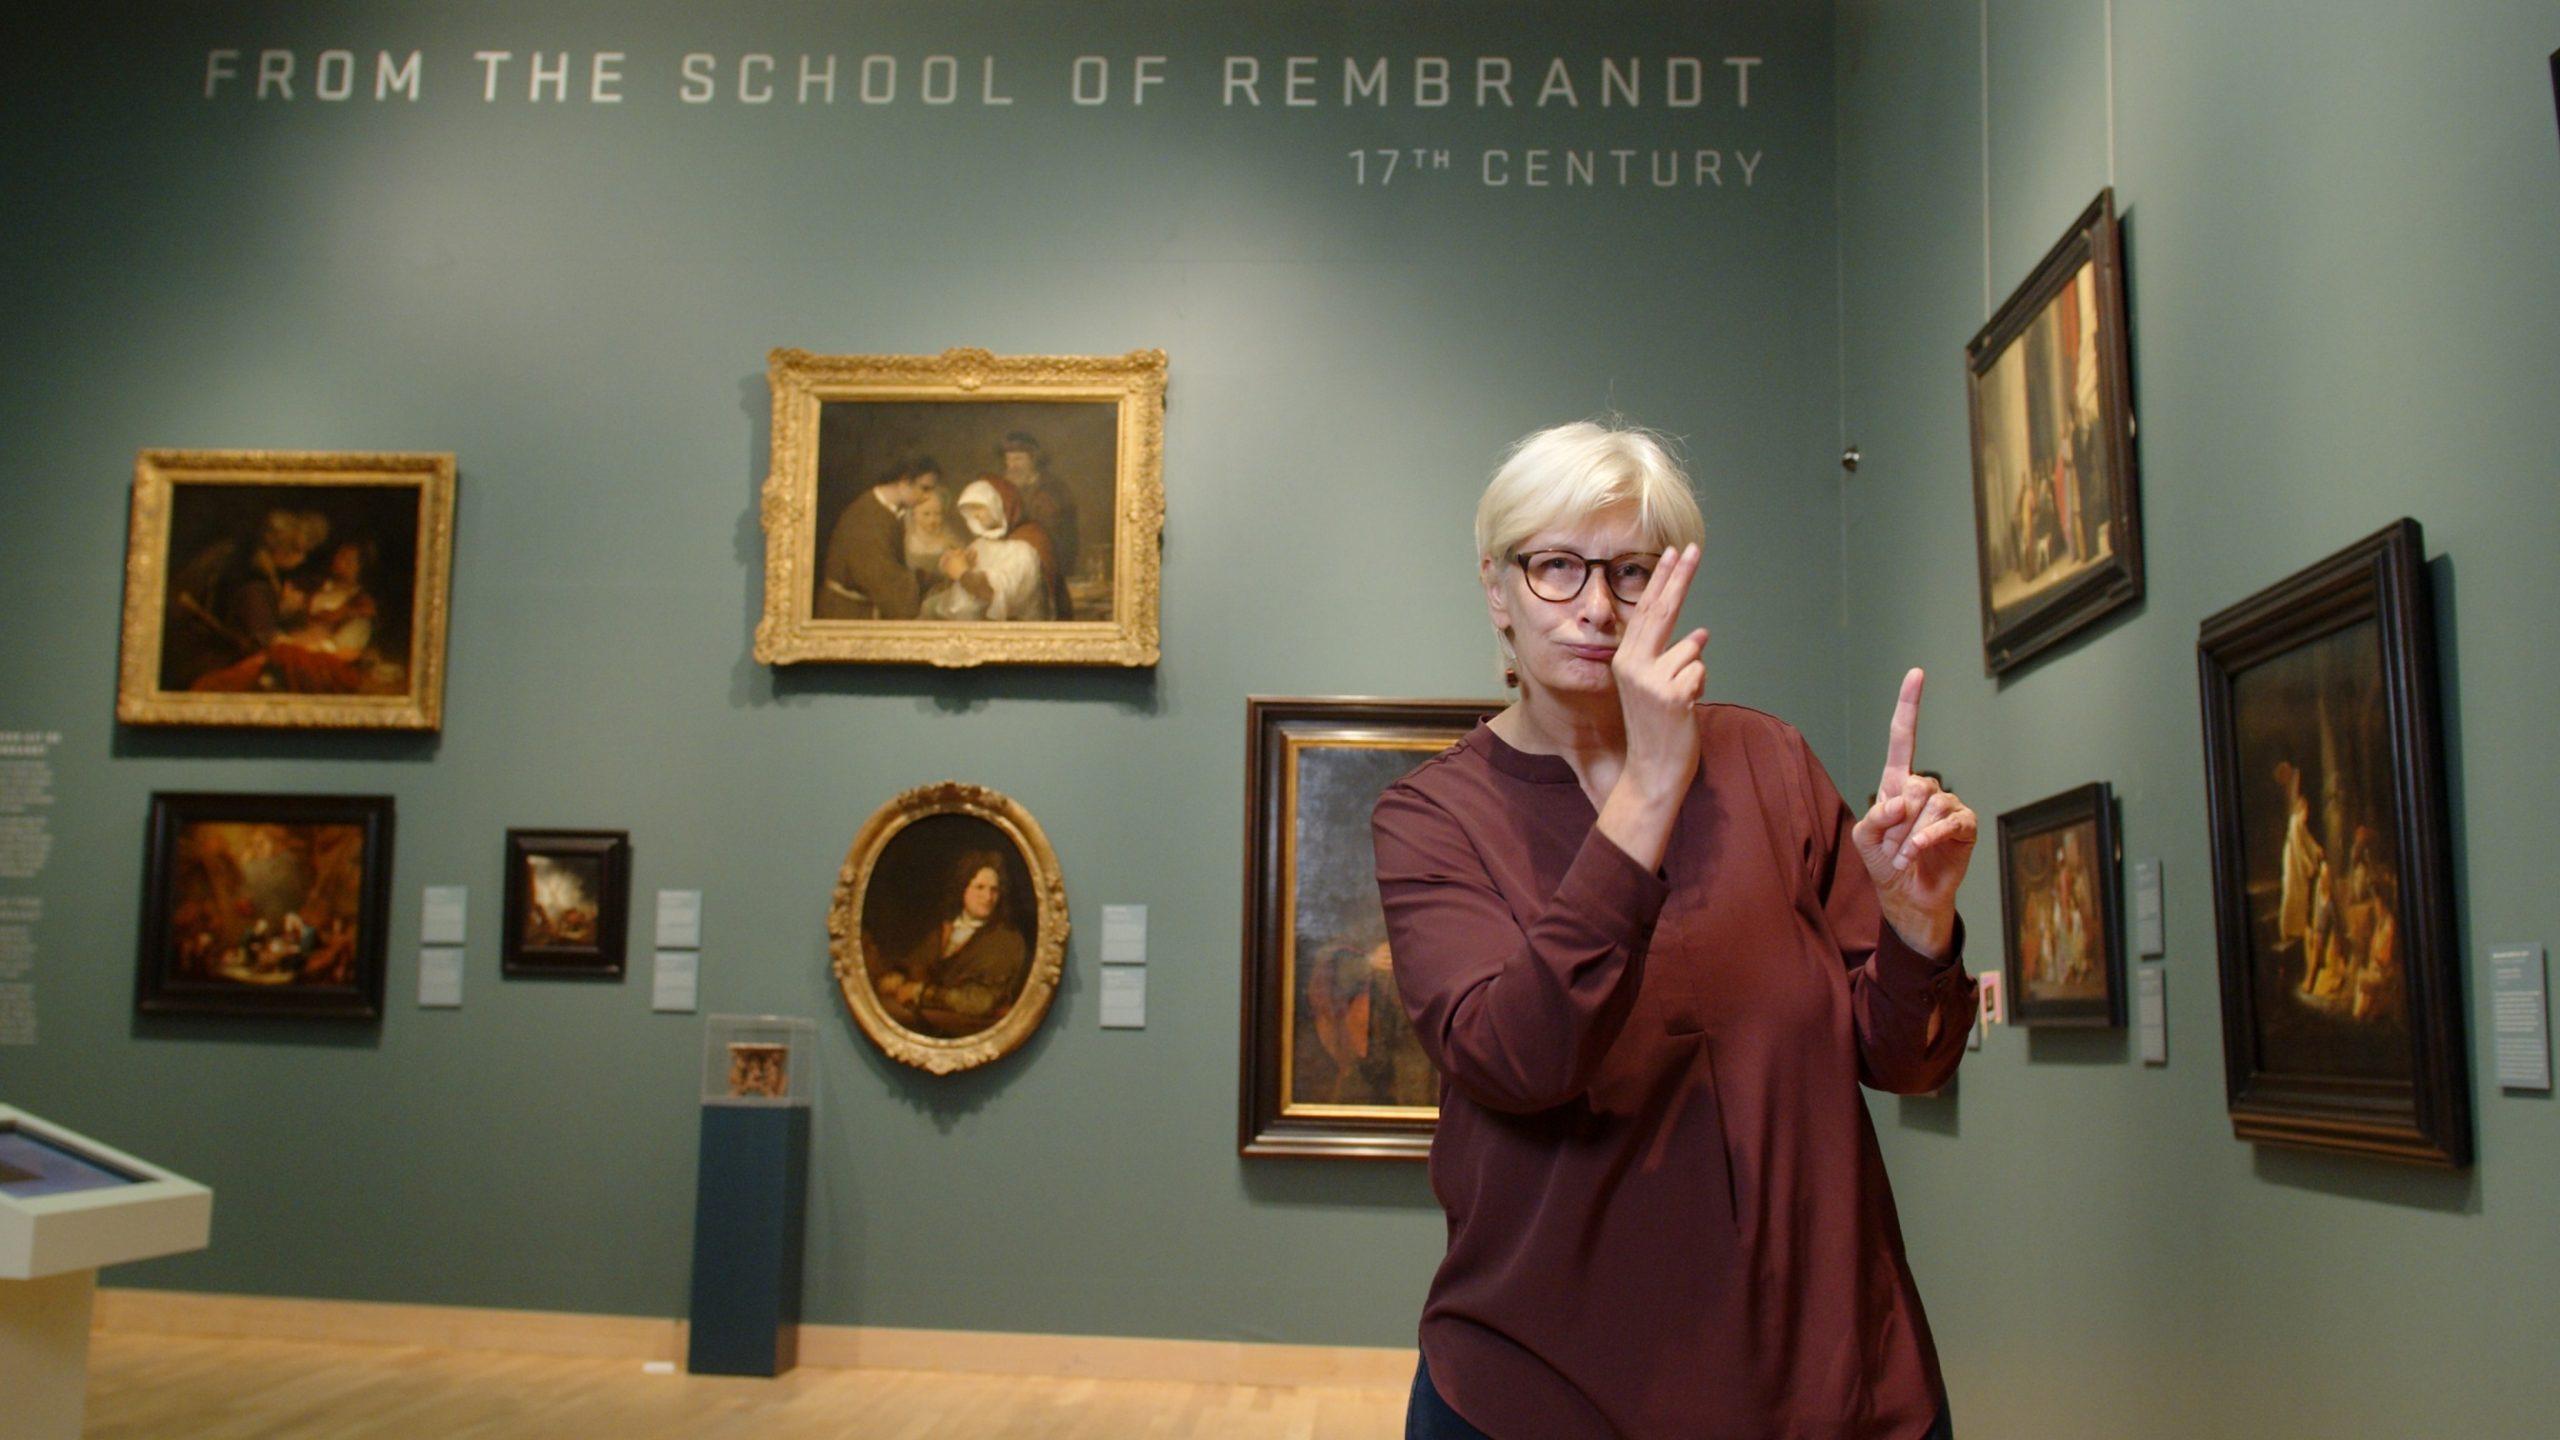 Foto ID: Lara Cox, Een Dove Vrouw Met Blond Haar En Een Donkerrode Shirt Staat In Het Dordrechts Museum Te Vertellen Over De Kunst Die Er Hangt.